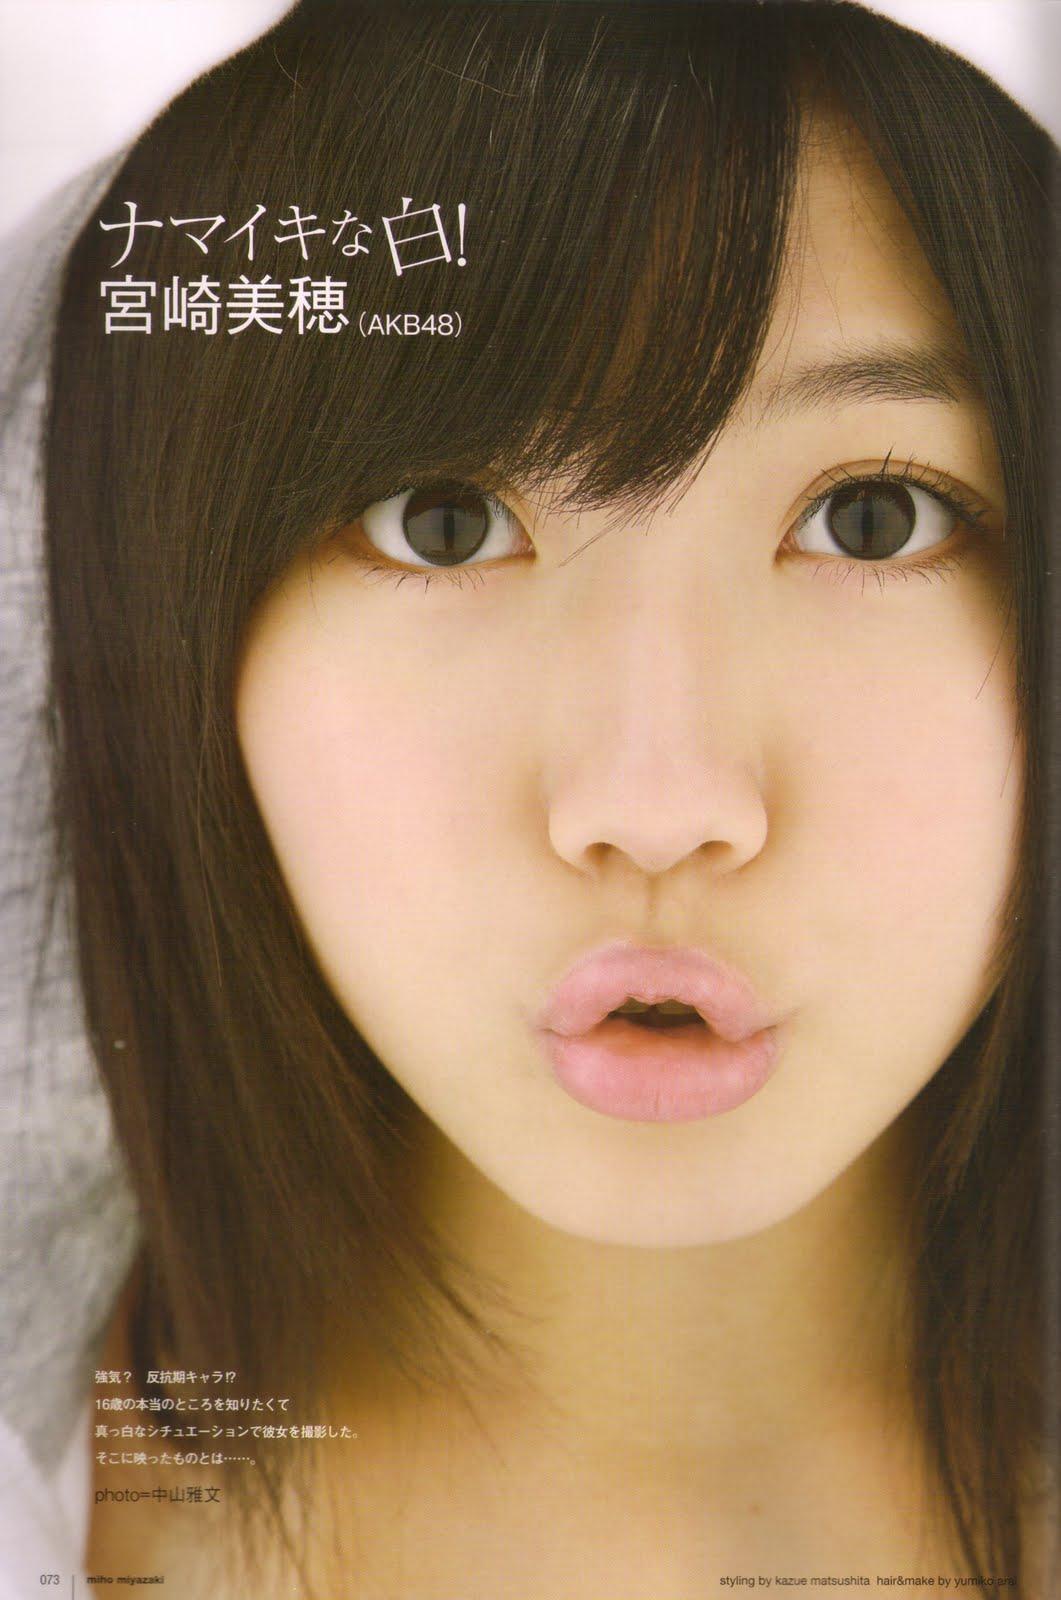 Kira Kira Anni Utb Magazine Scans Akb48